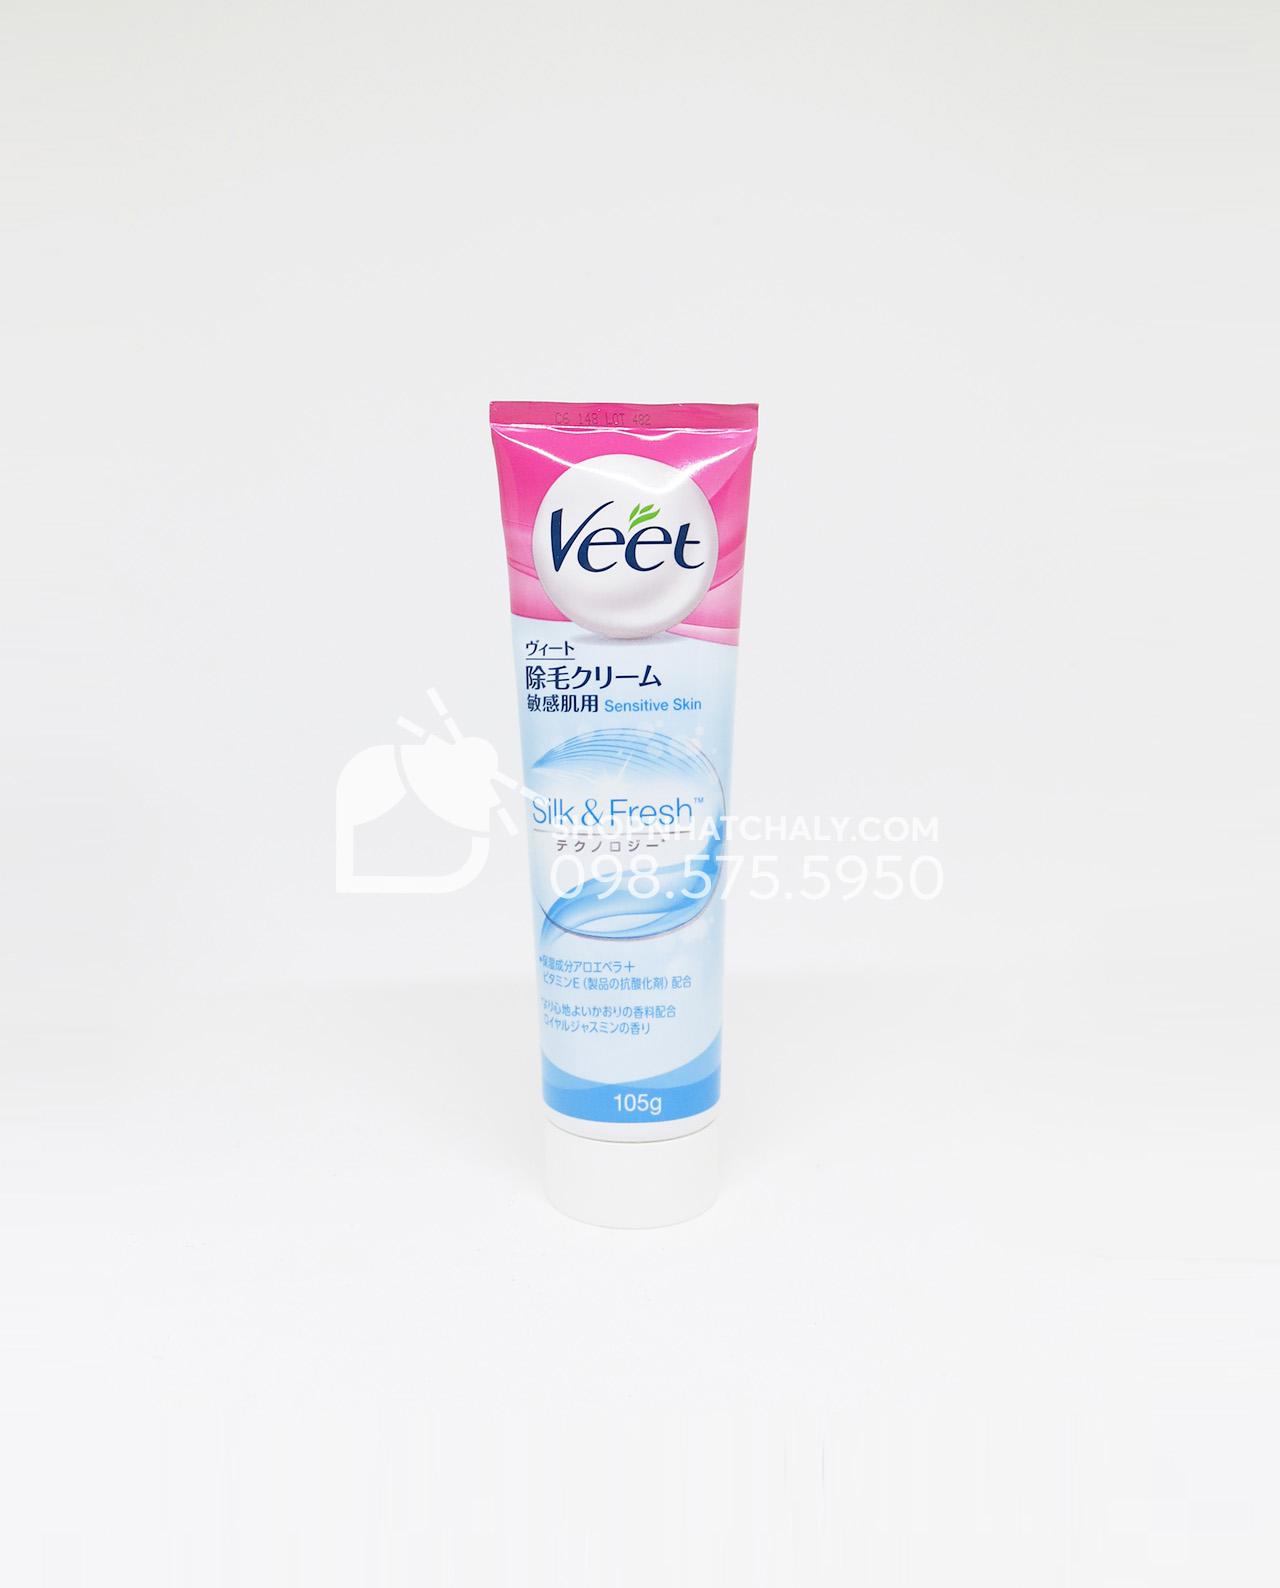 Kem tẩy lông Veet của Nhật hiện đang có sẵn tại kho TP.HCM của Chaly